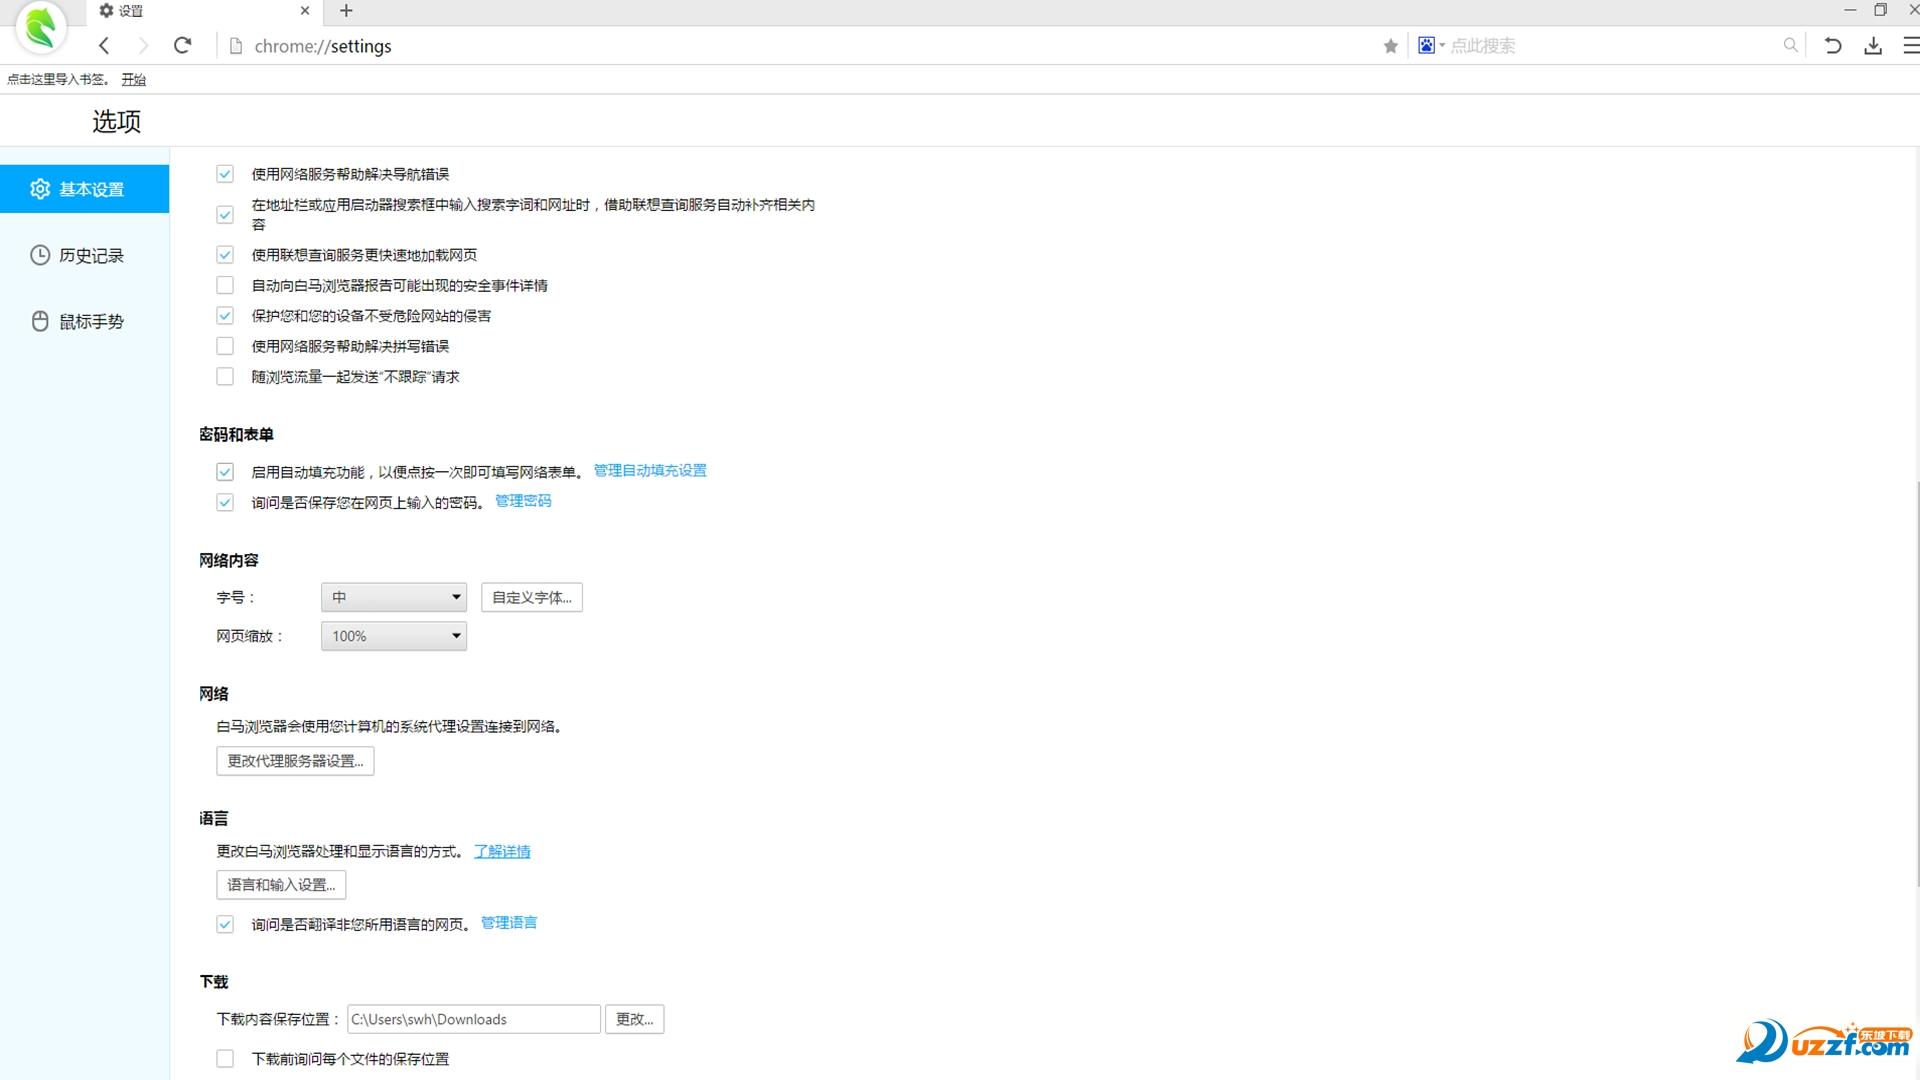 白马浏览器PC版截图1